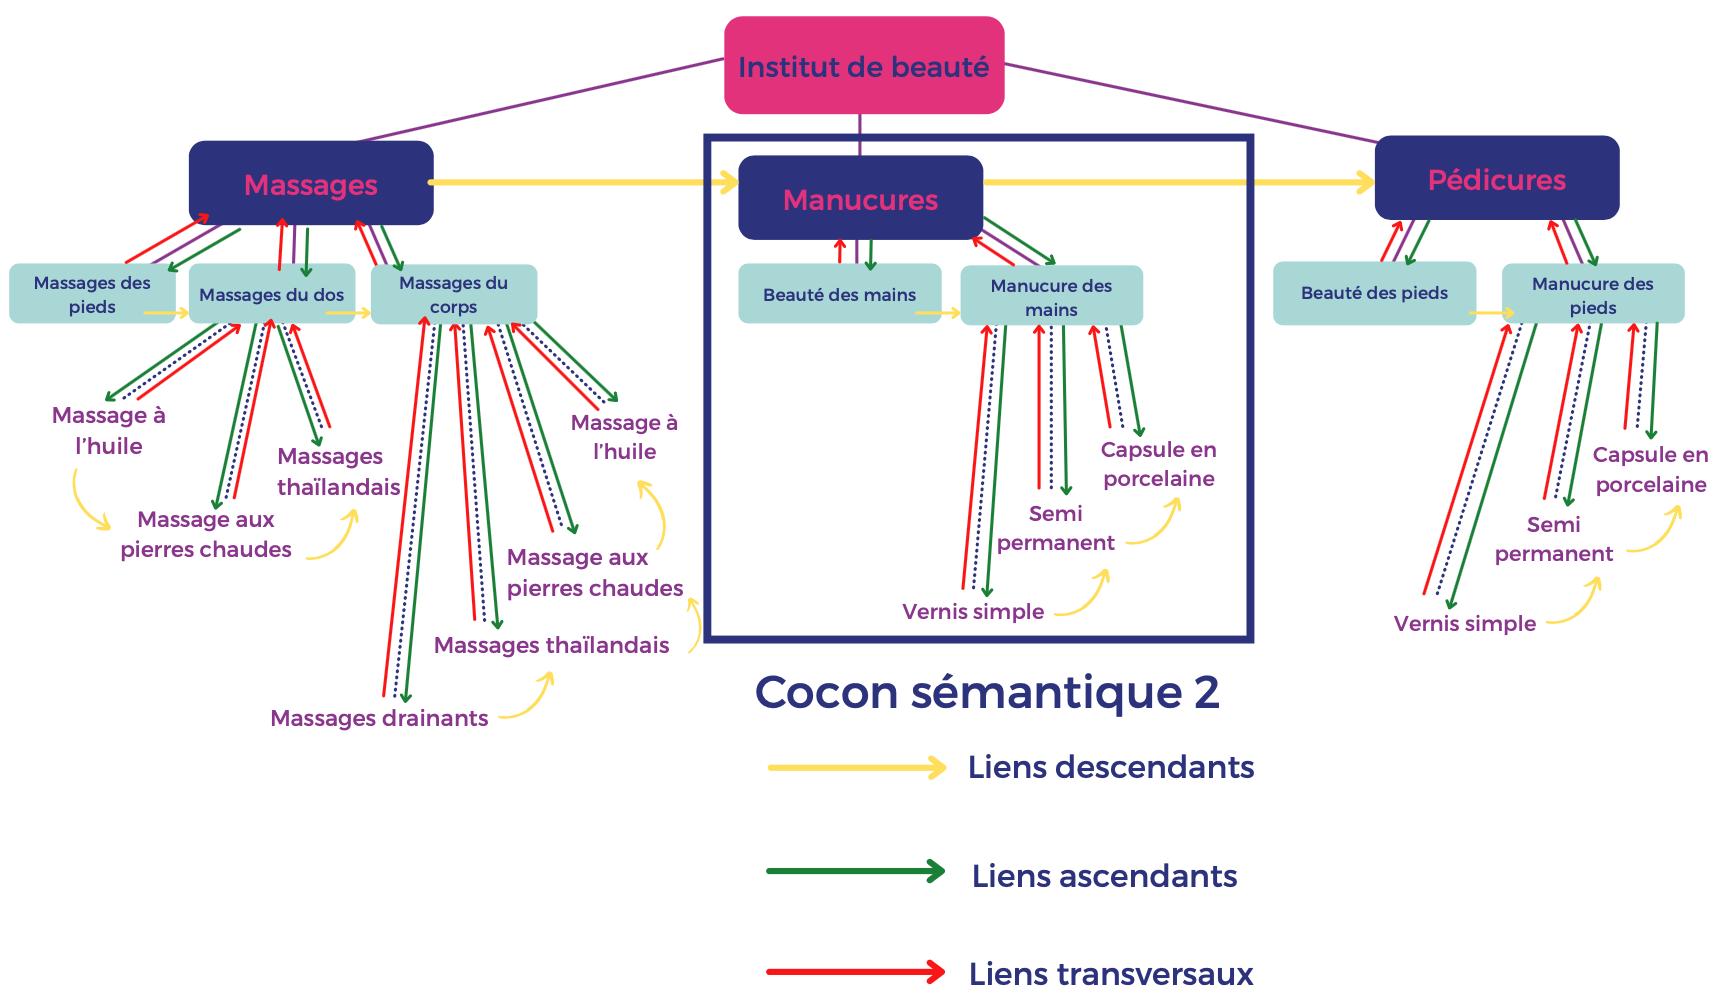 Maillage interne cocon sémantique 2 : Manucures